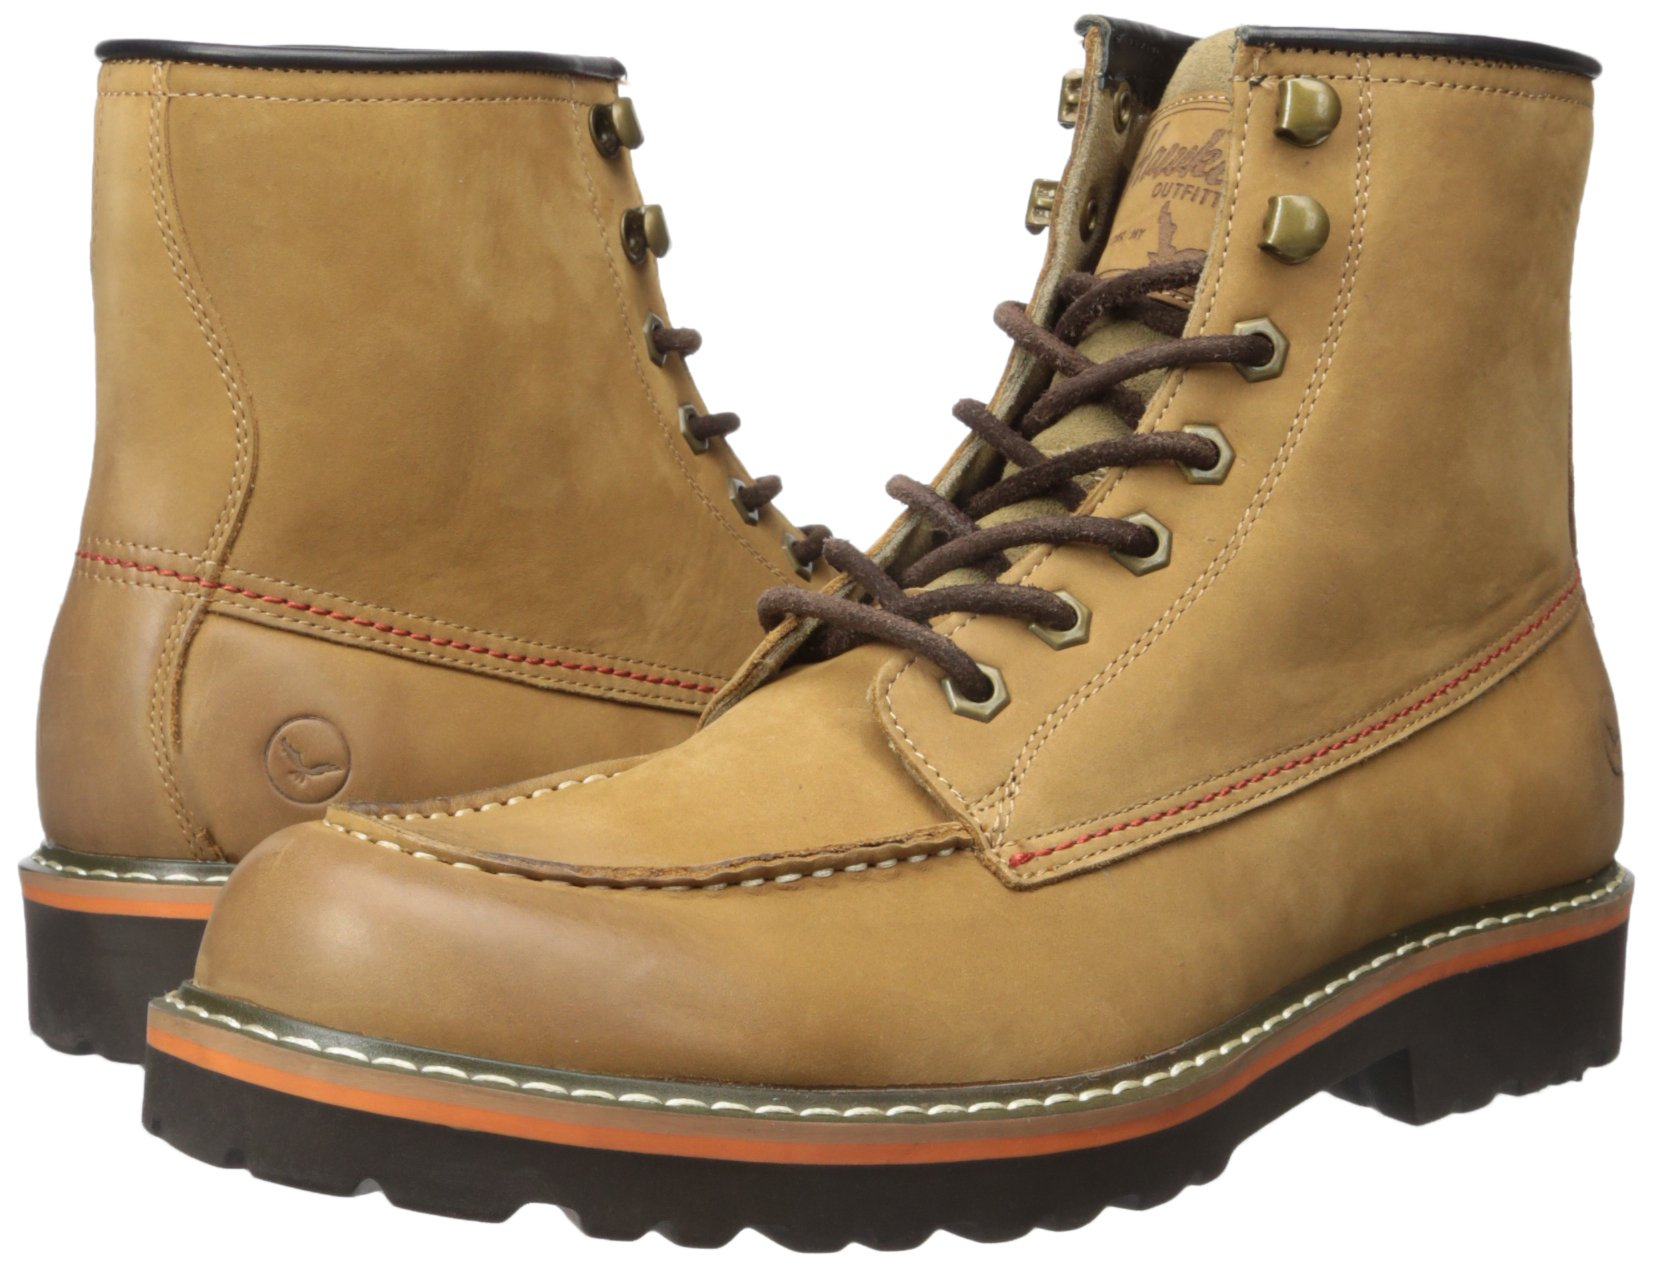 Hawke & Co Men's Harrison Work Boot, Wheat, 10.5 M US by Hawke & Co (Image #6)